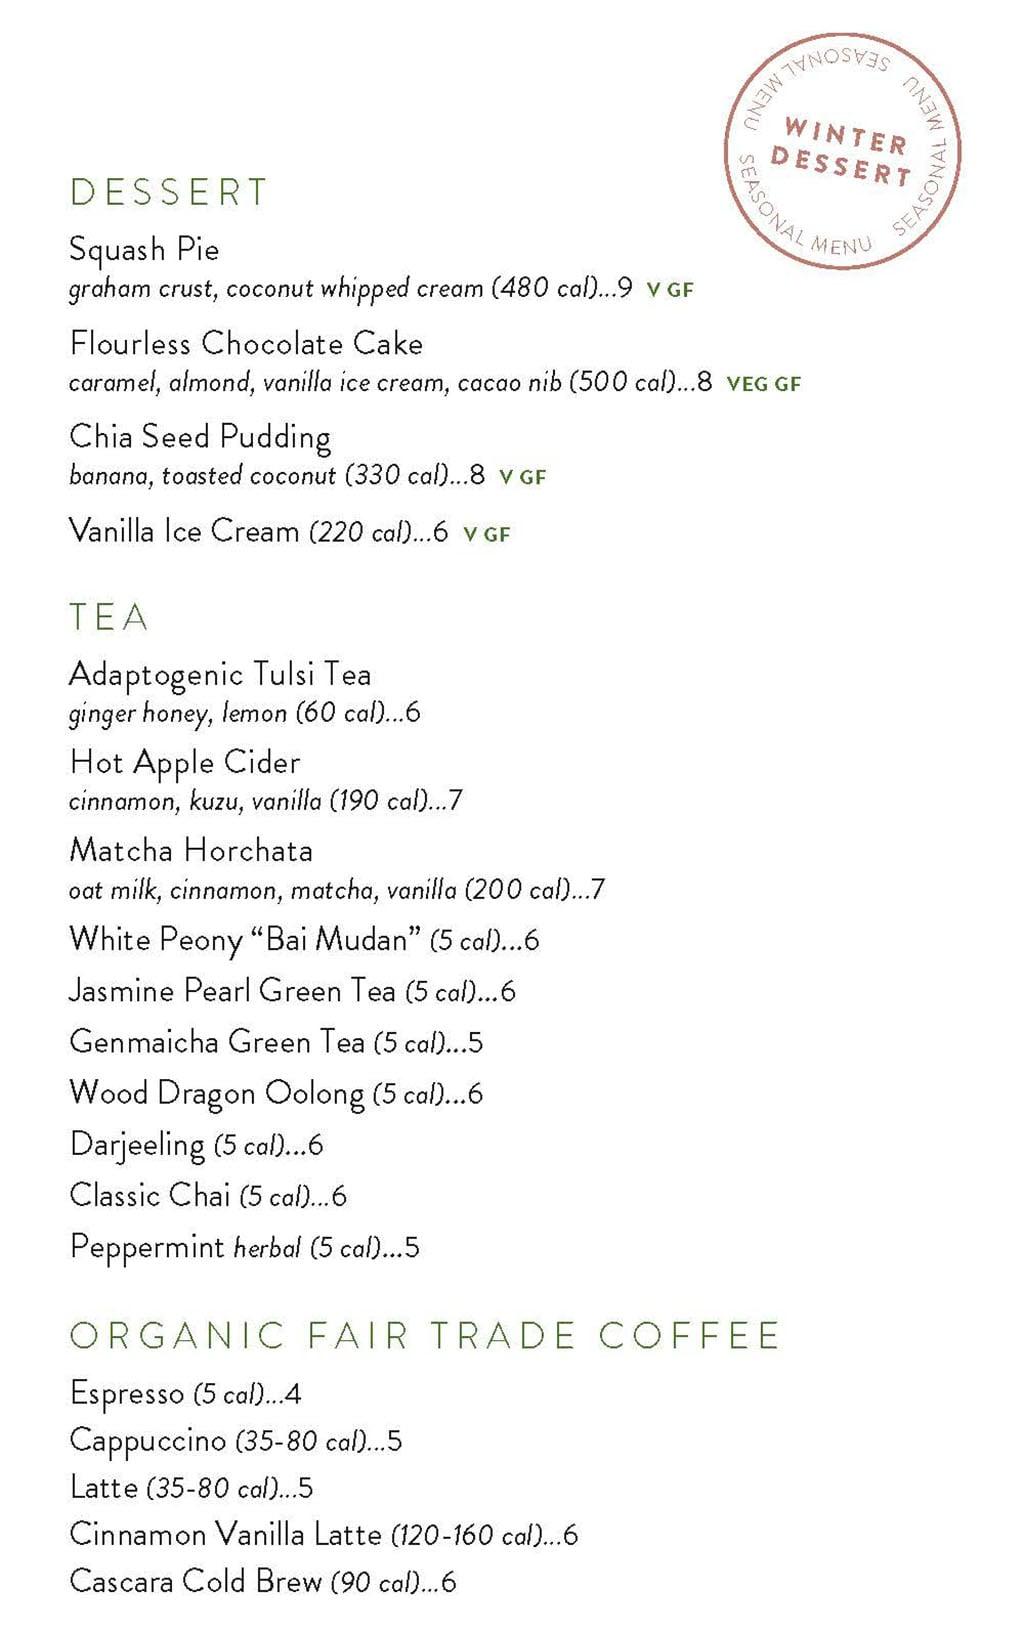 True Food Kitchen menu - dessert